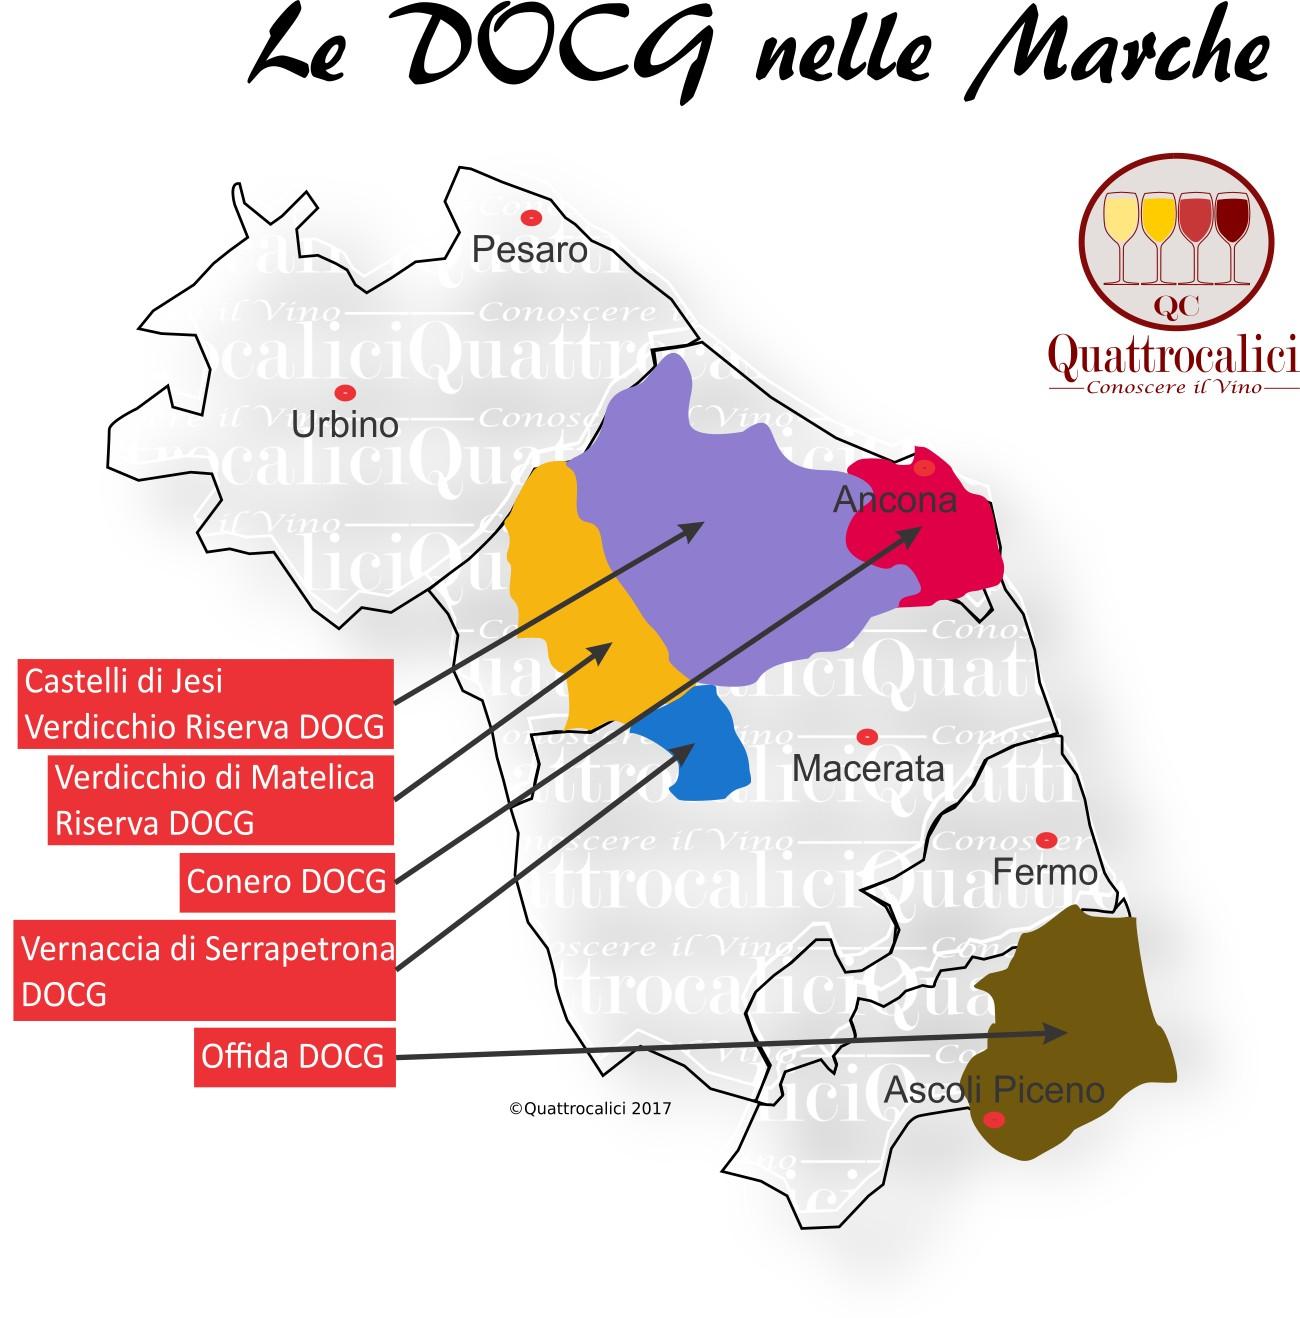 Mappa Denominzioni DOCG Marche